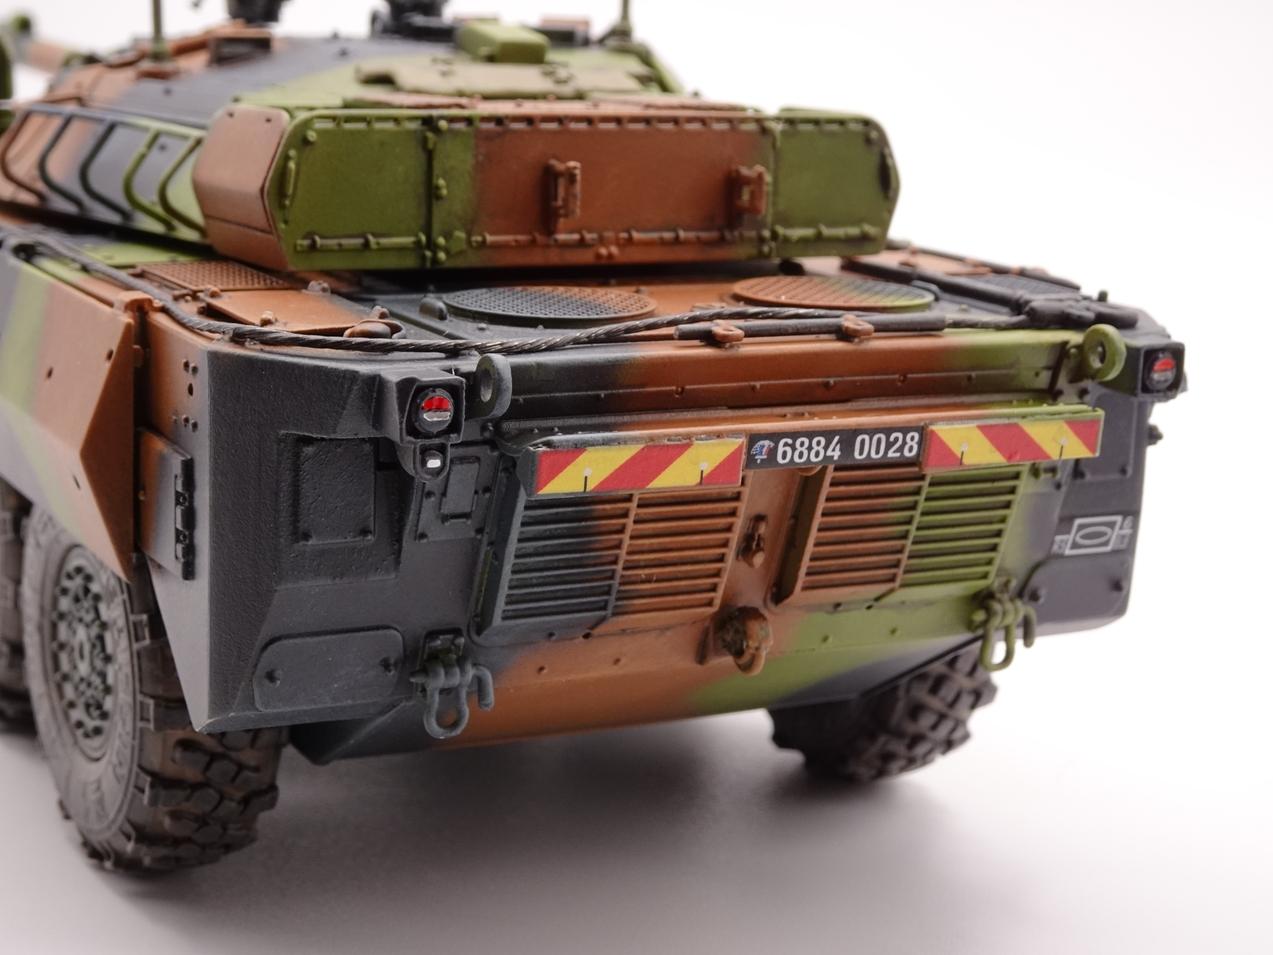 [Tiger Model] AMX-10RCR réf. 4602 - 1/35 - Page 4 Amx10-fin-7